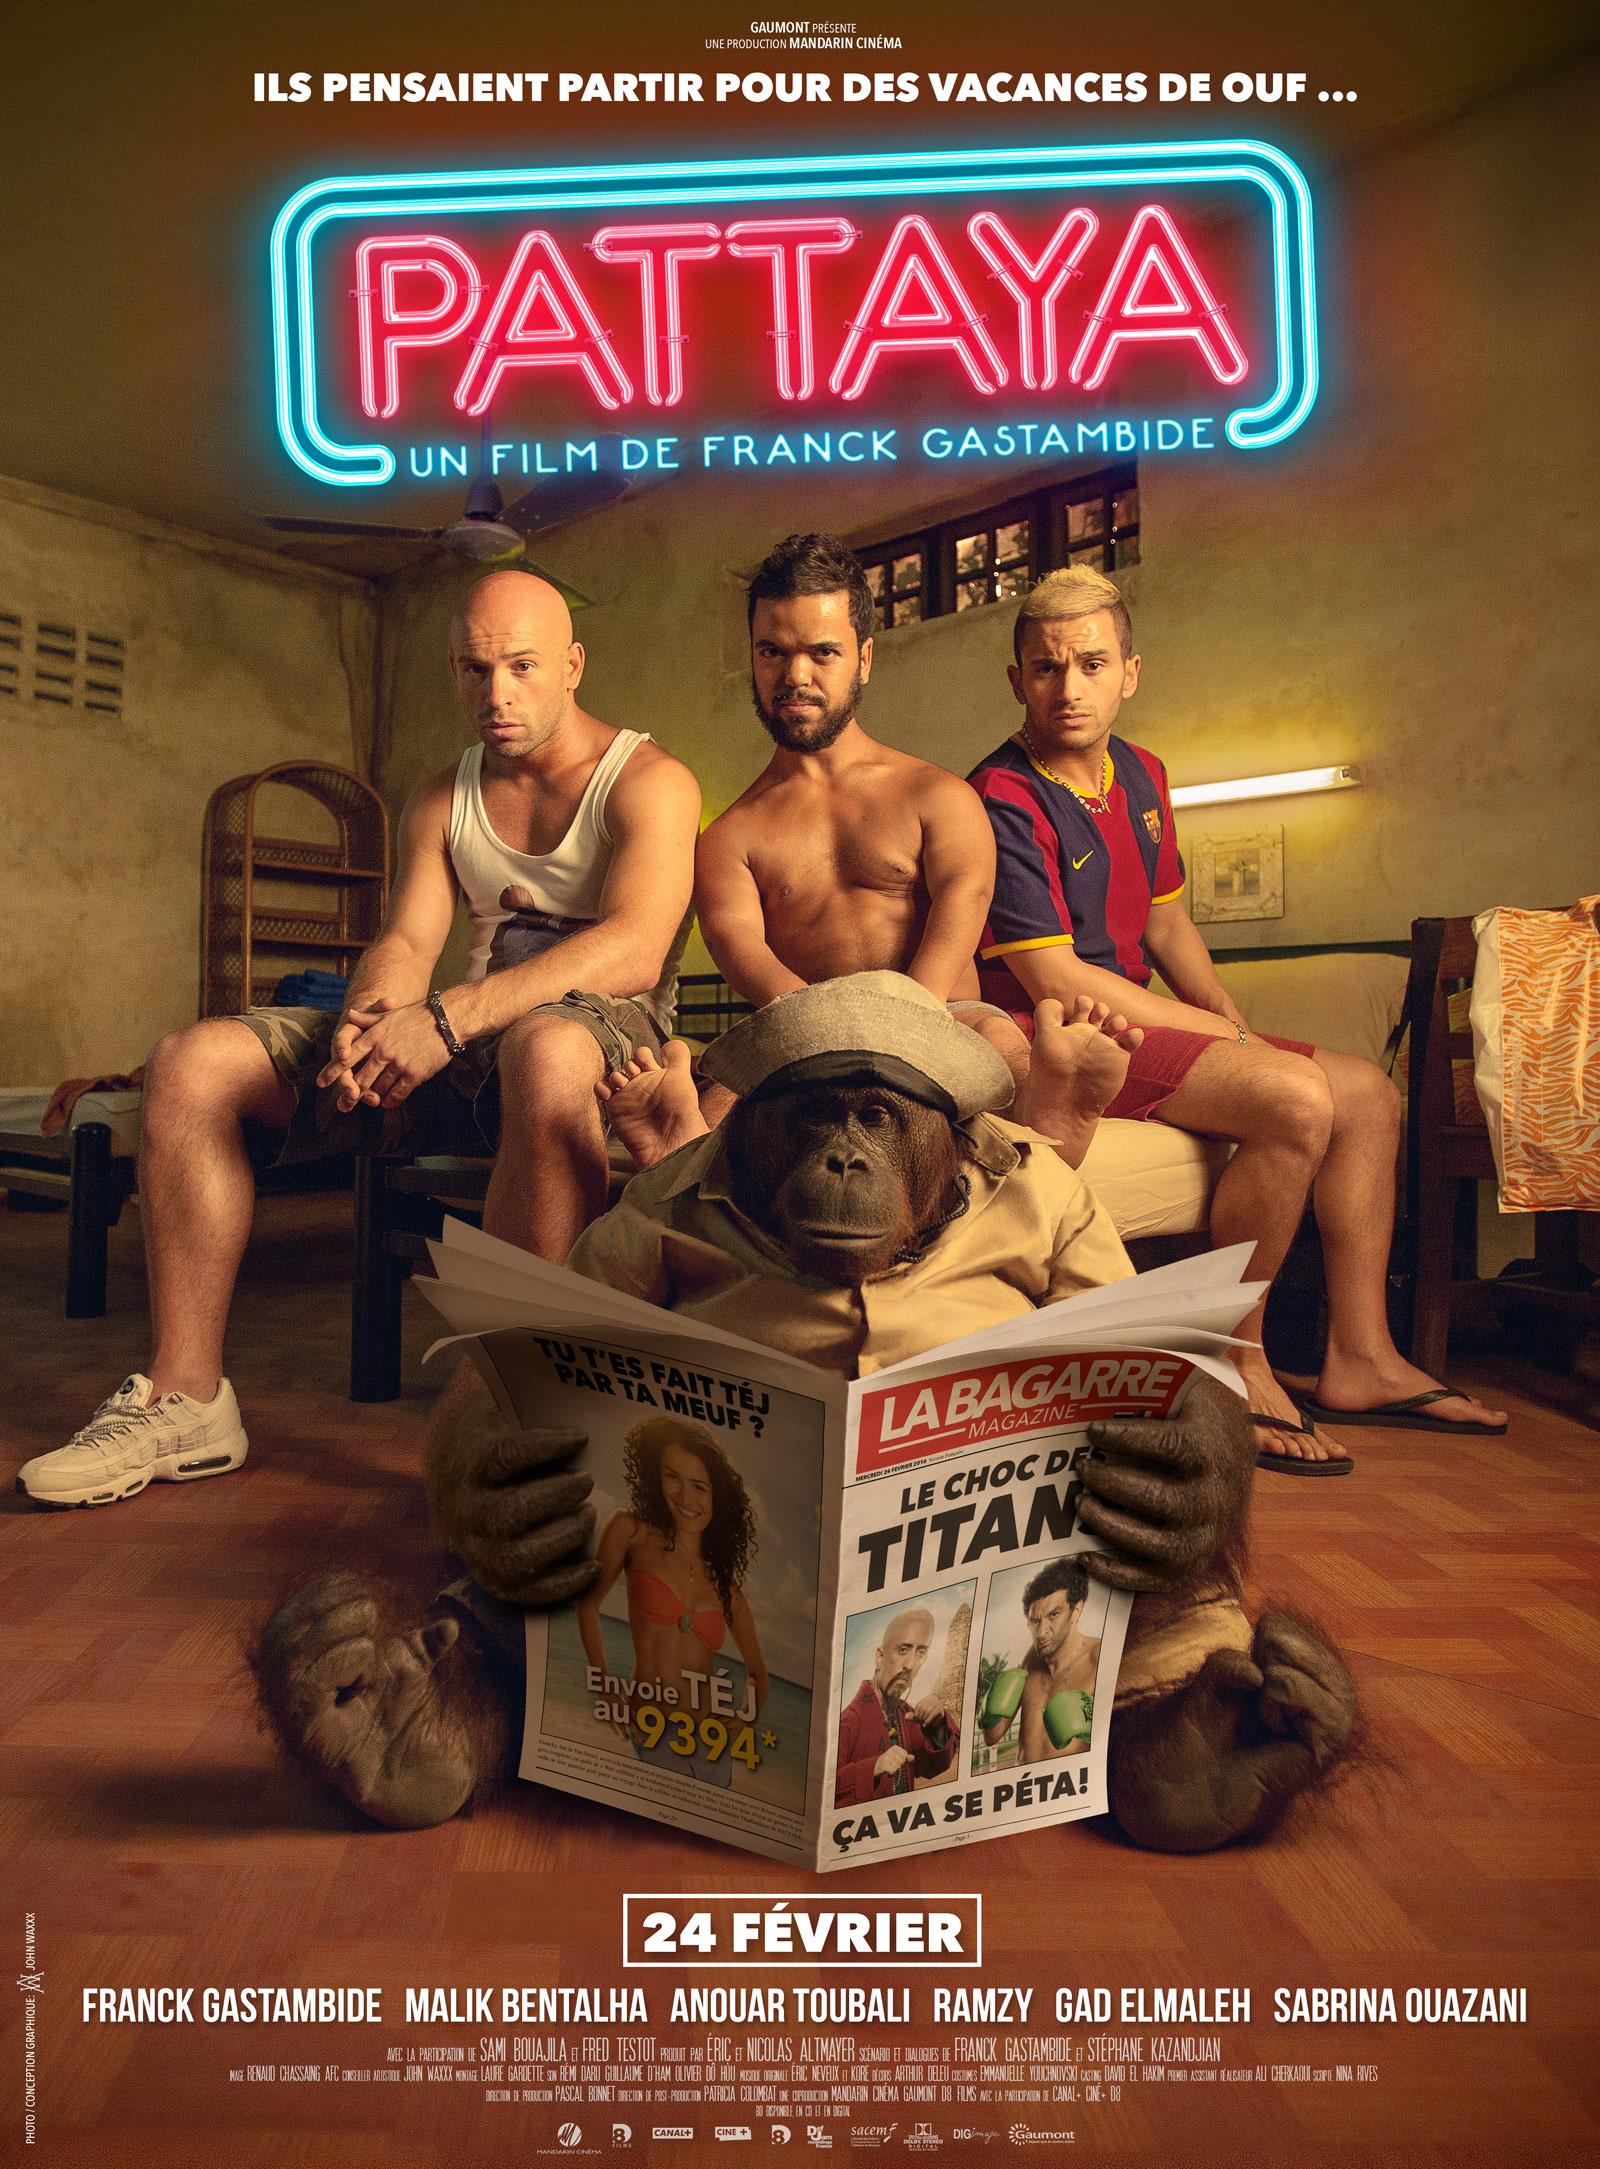 Pattaya ddl